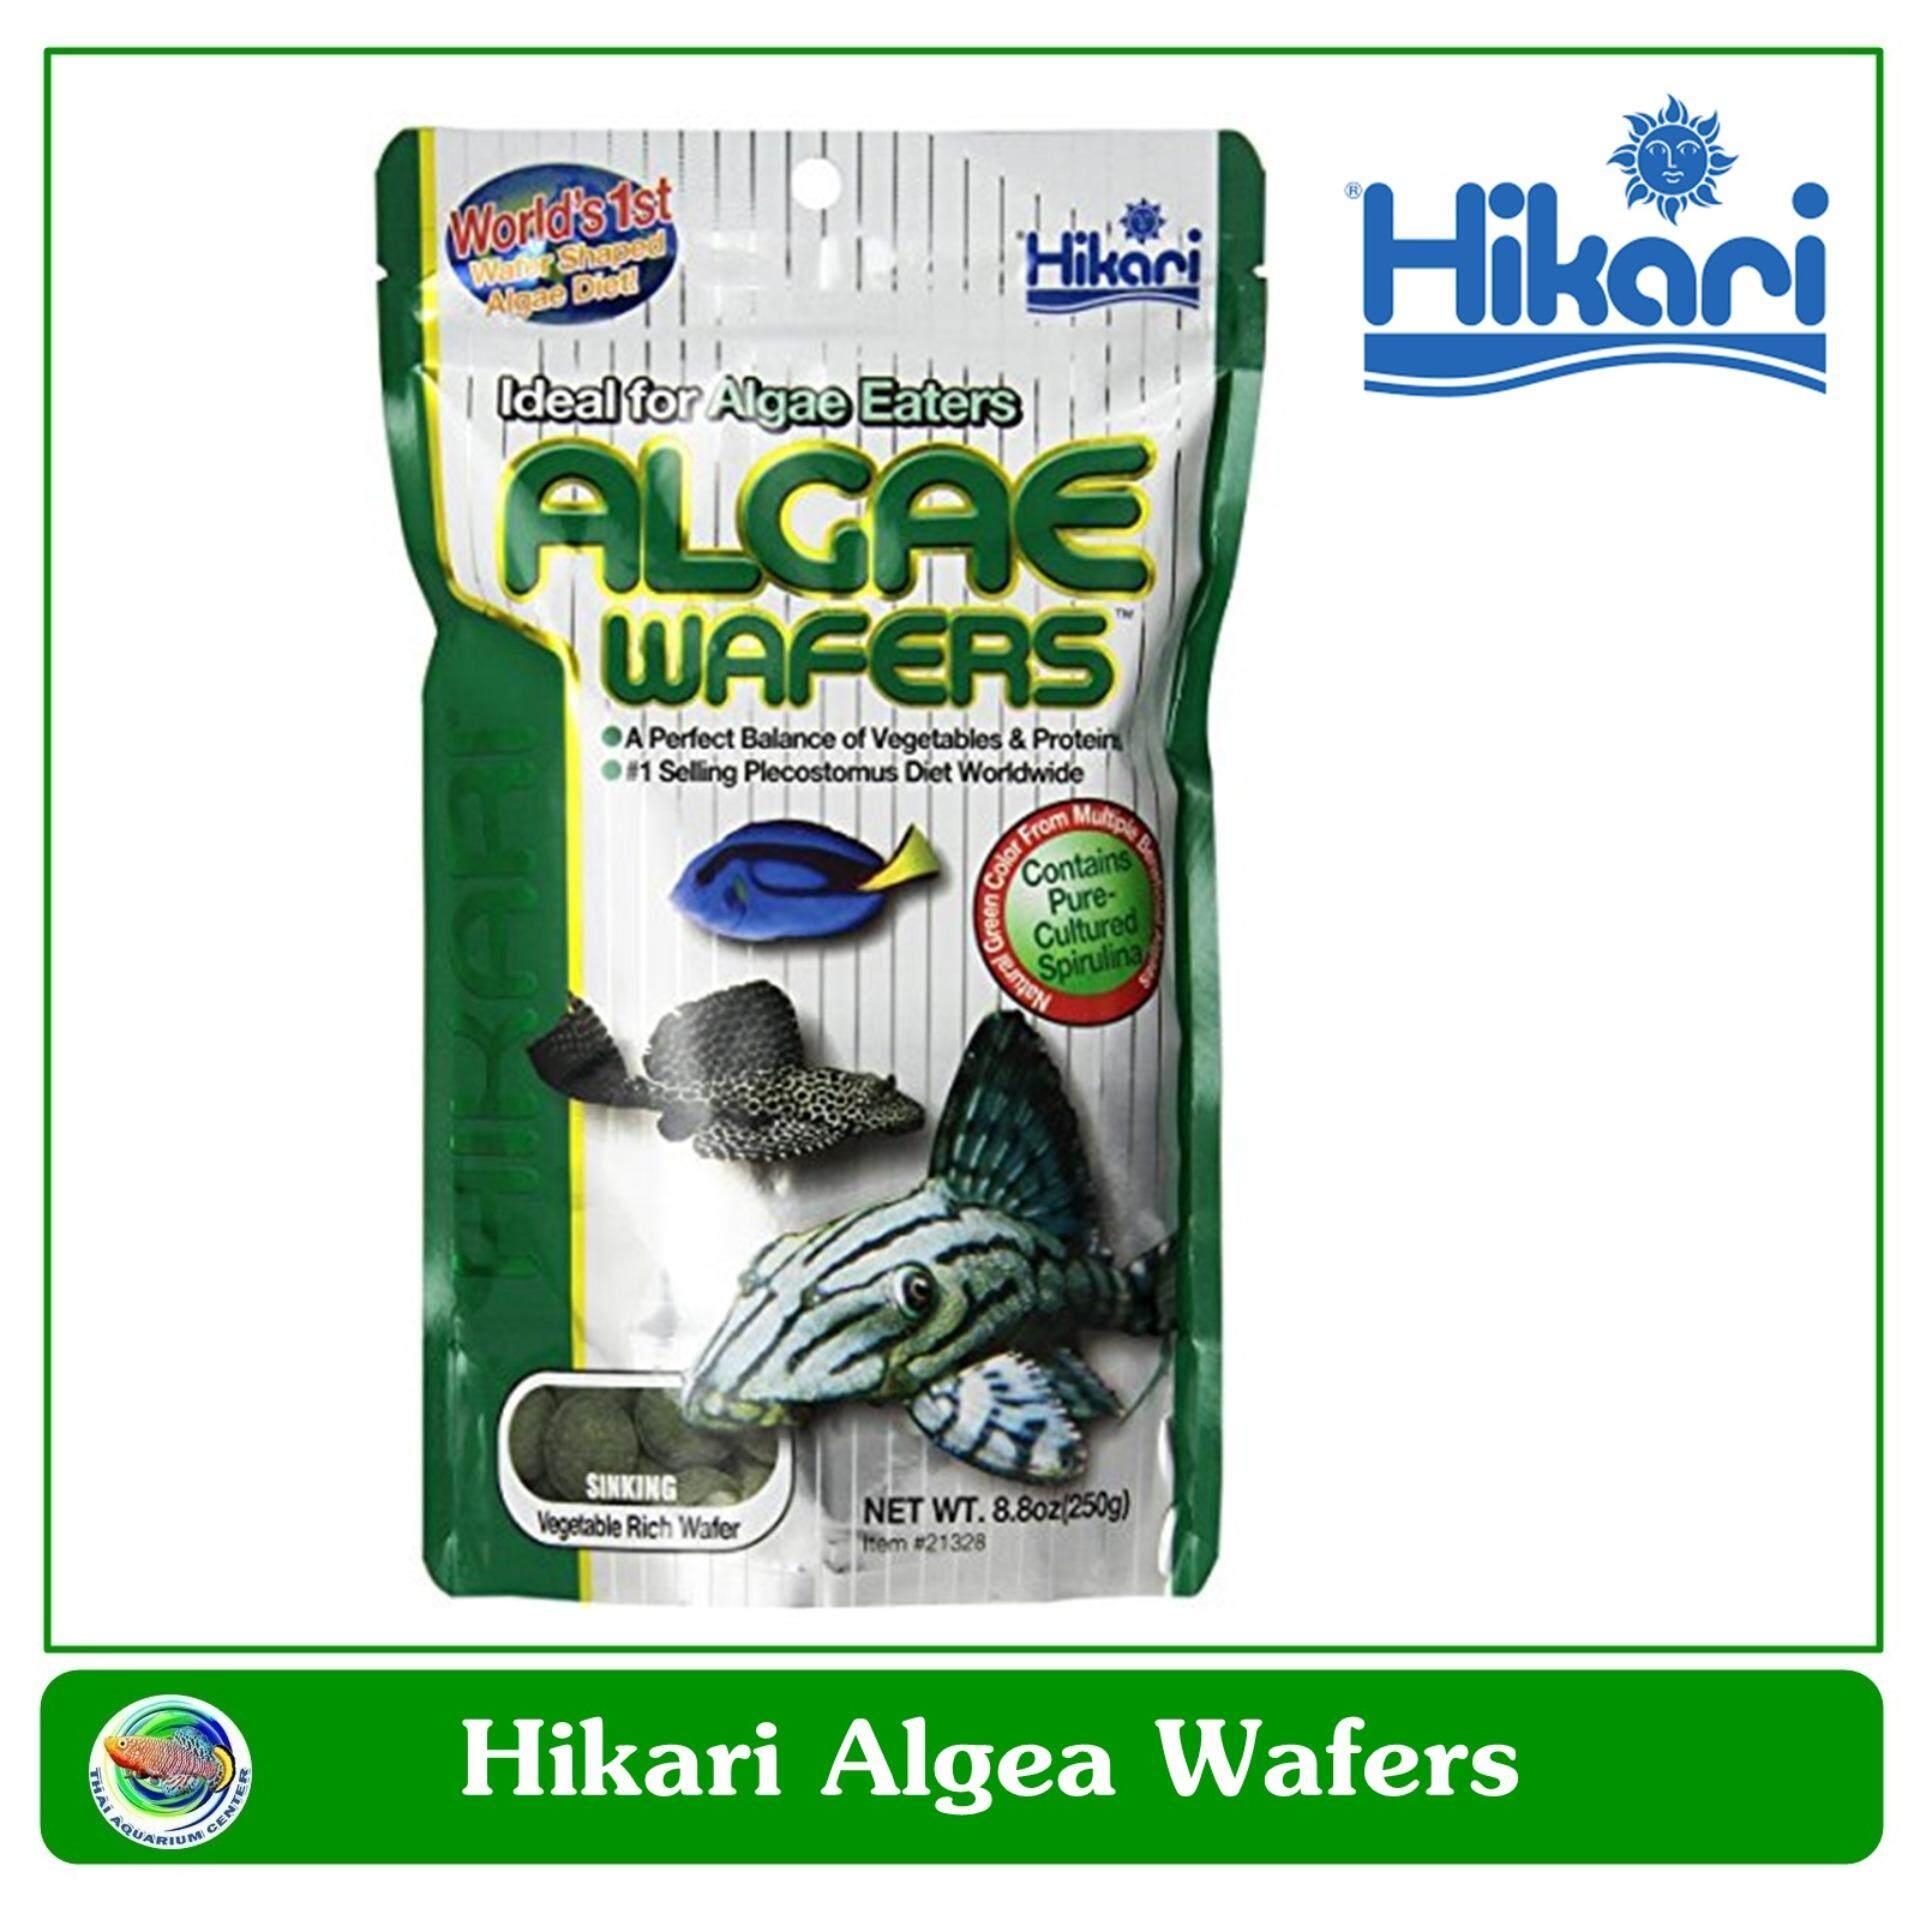 ราคา Hikari Algae Wafer อาหารปลาสวยงาม ปลากินพืช ตะไคร่ ขนาด 120 กรัม ใหม่